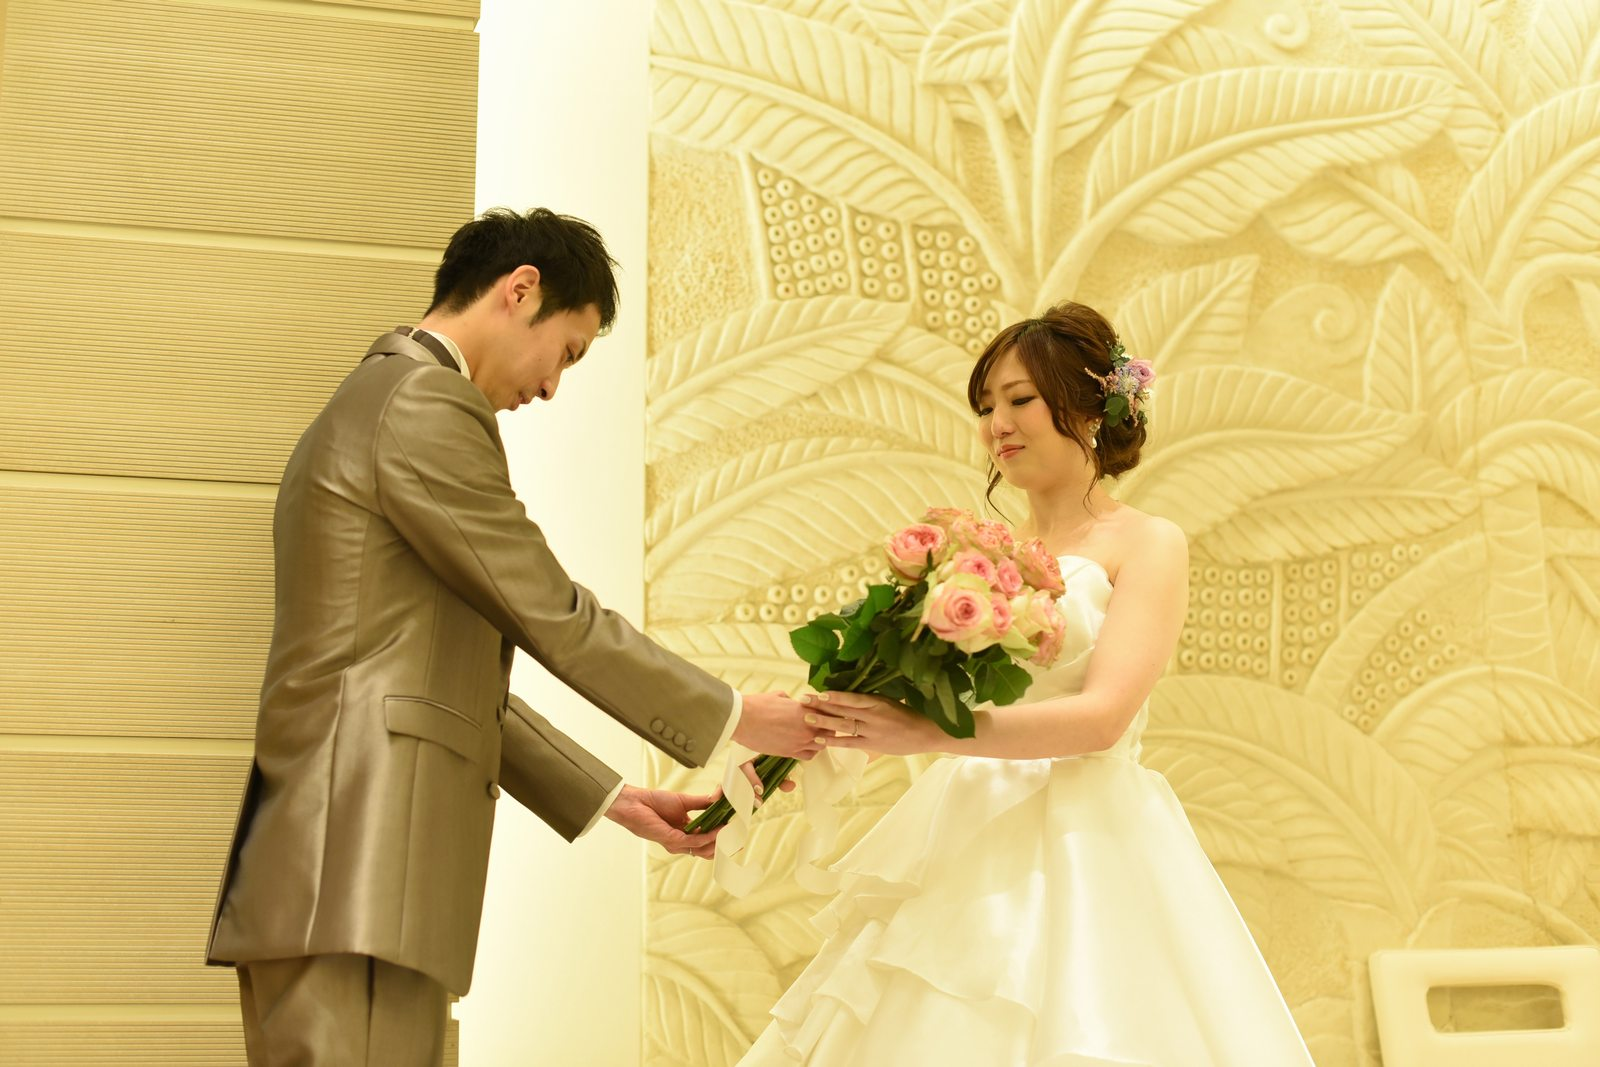 高松市の結婚式場アイルバレクラブで花束を新婦に捧げる新郎